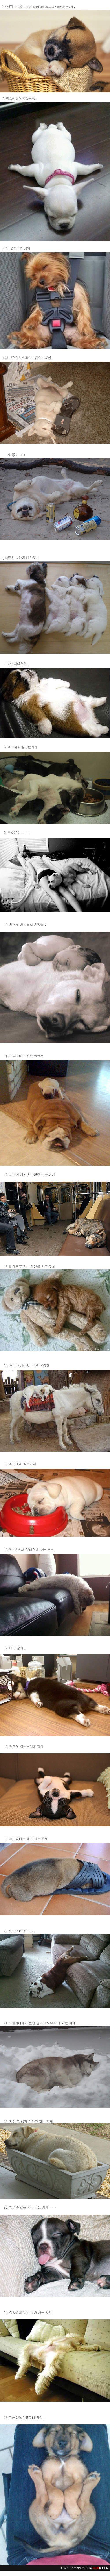 I love it: Sleeping Dogs, Sleep Dogs, Cute Puppies, Sleepy Puppies, Baby, So Funny, Sleep Puppies, Animal, Sleeping Puppies